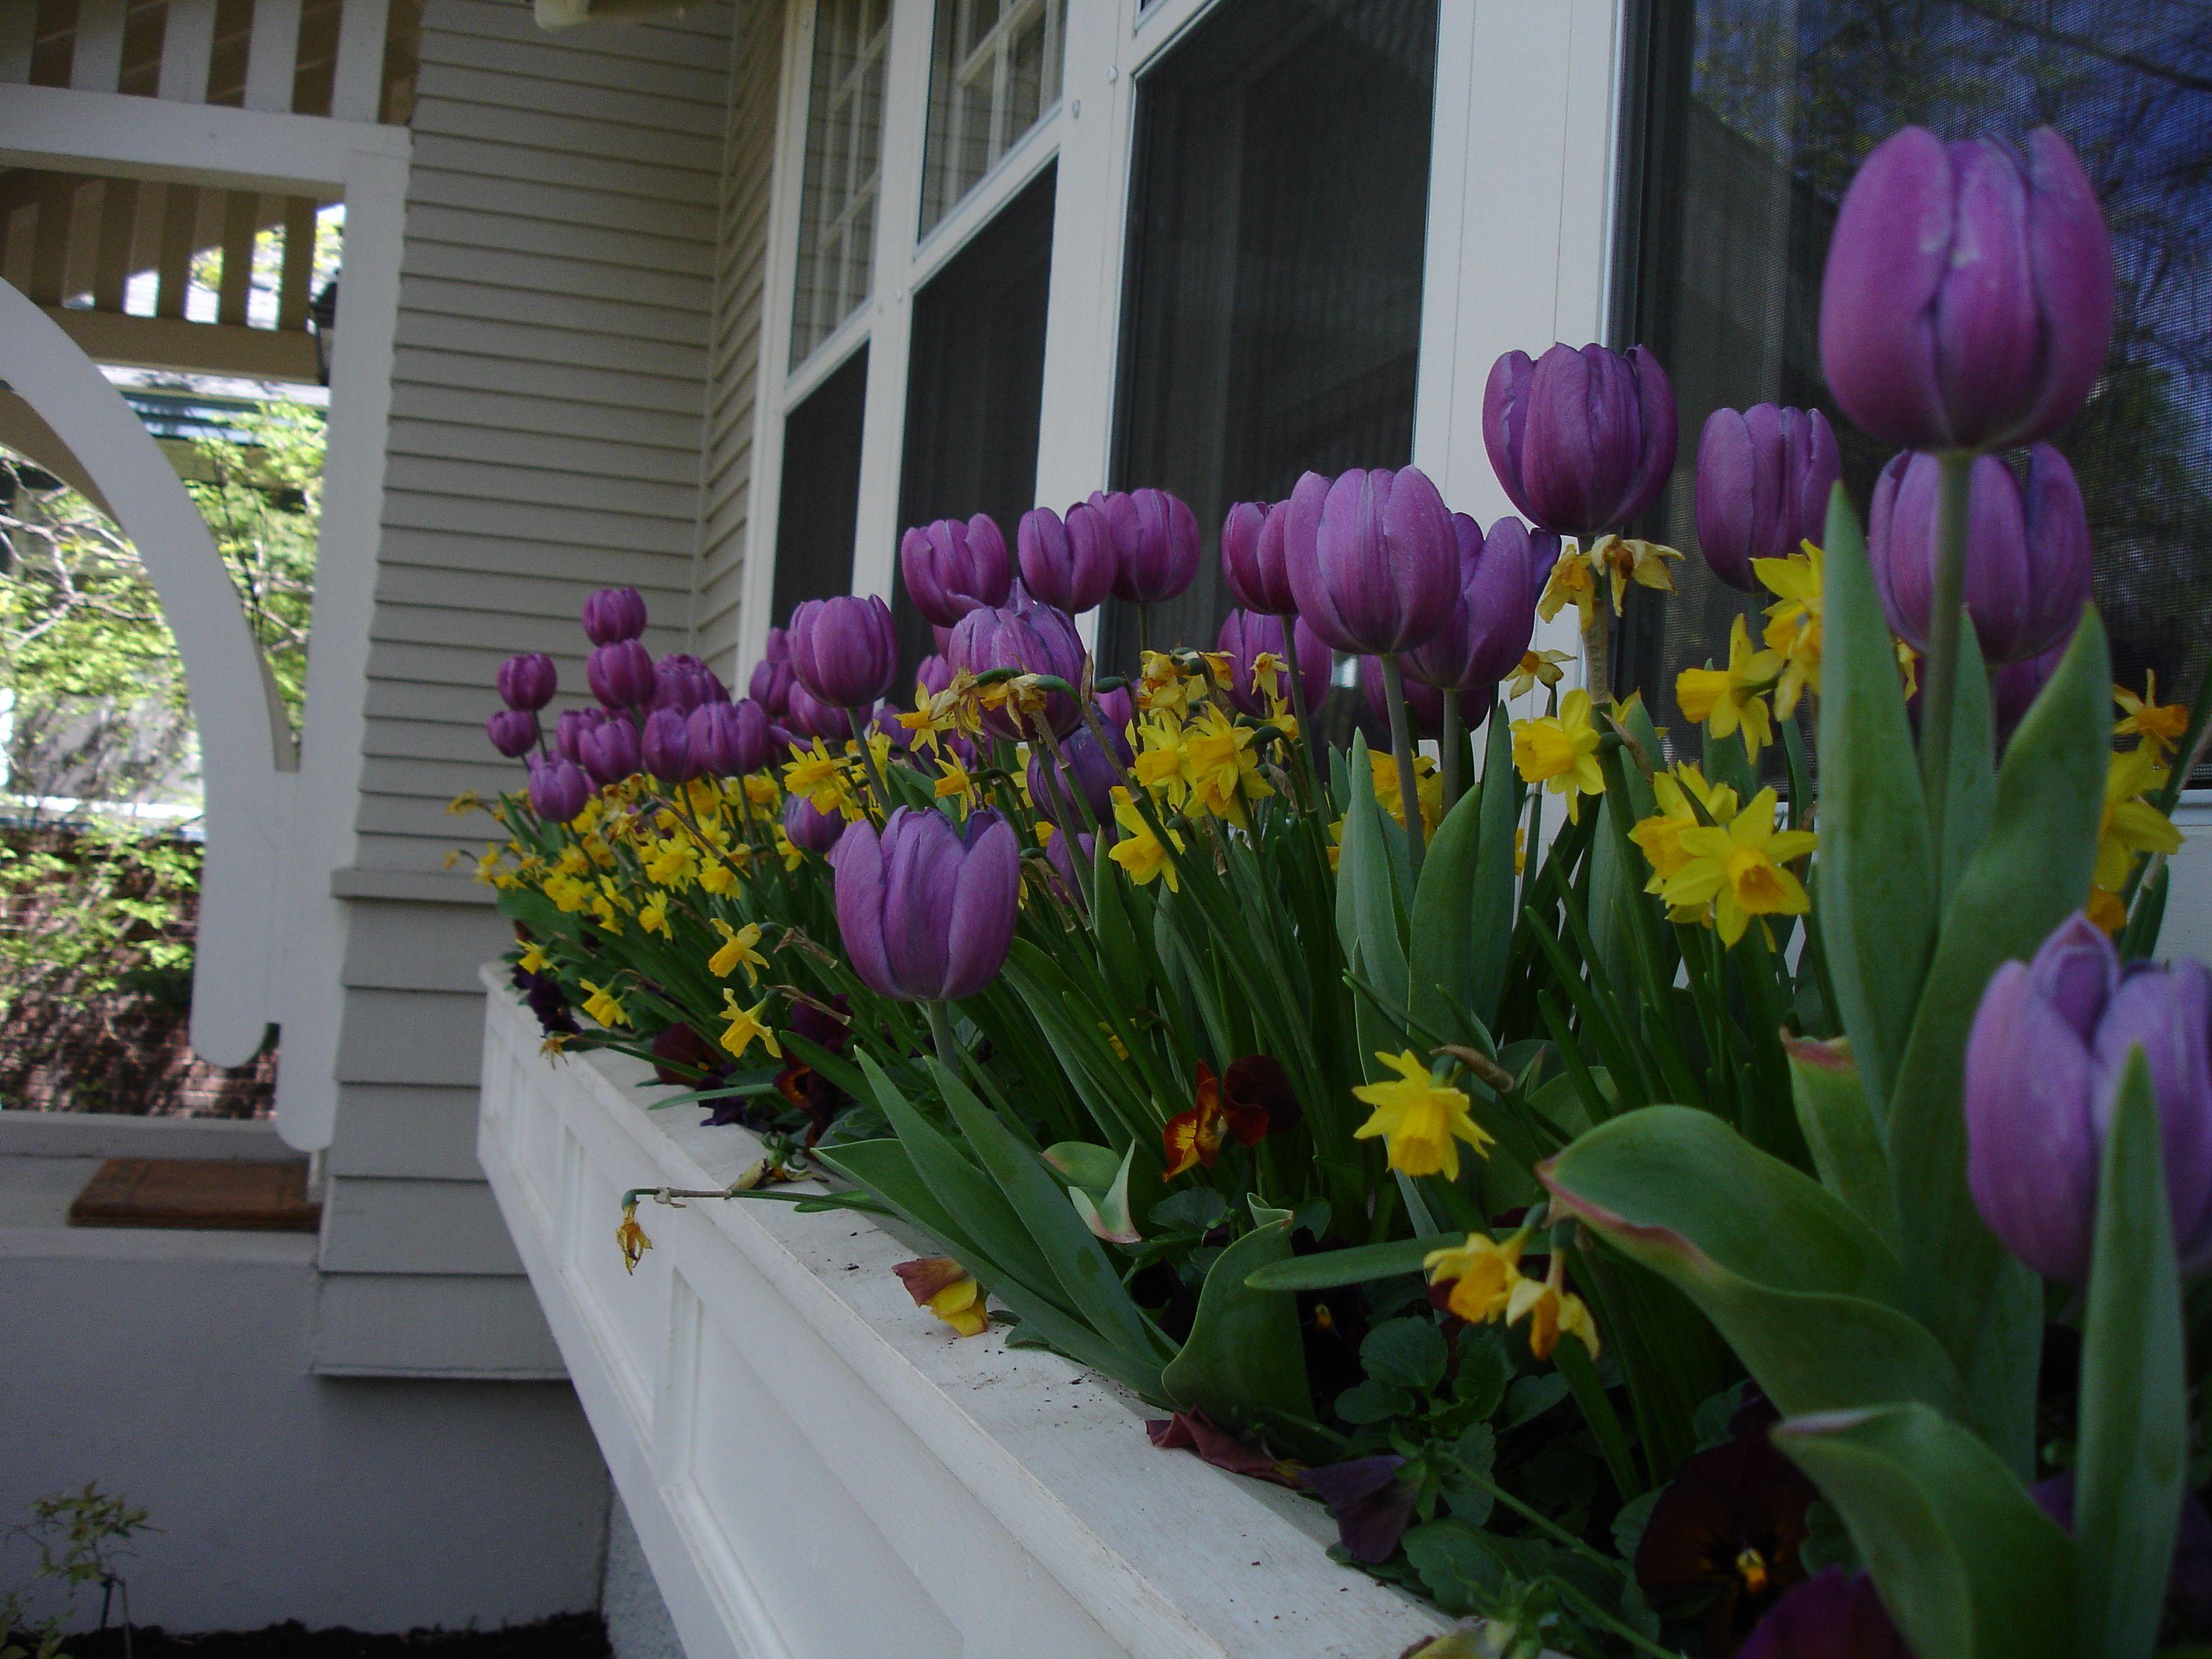 Daffodils in window box